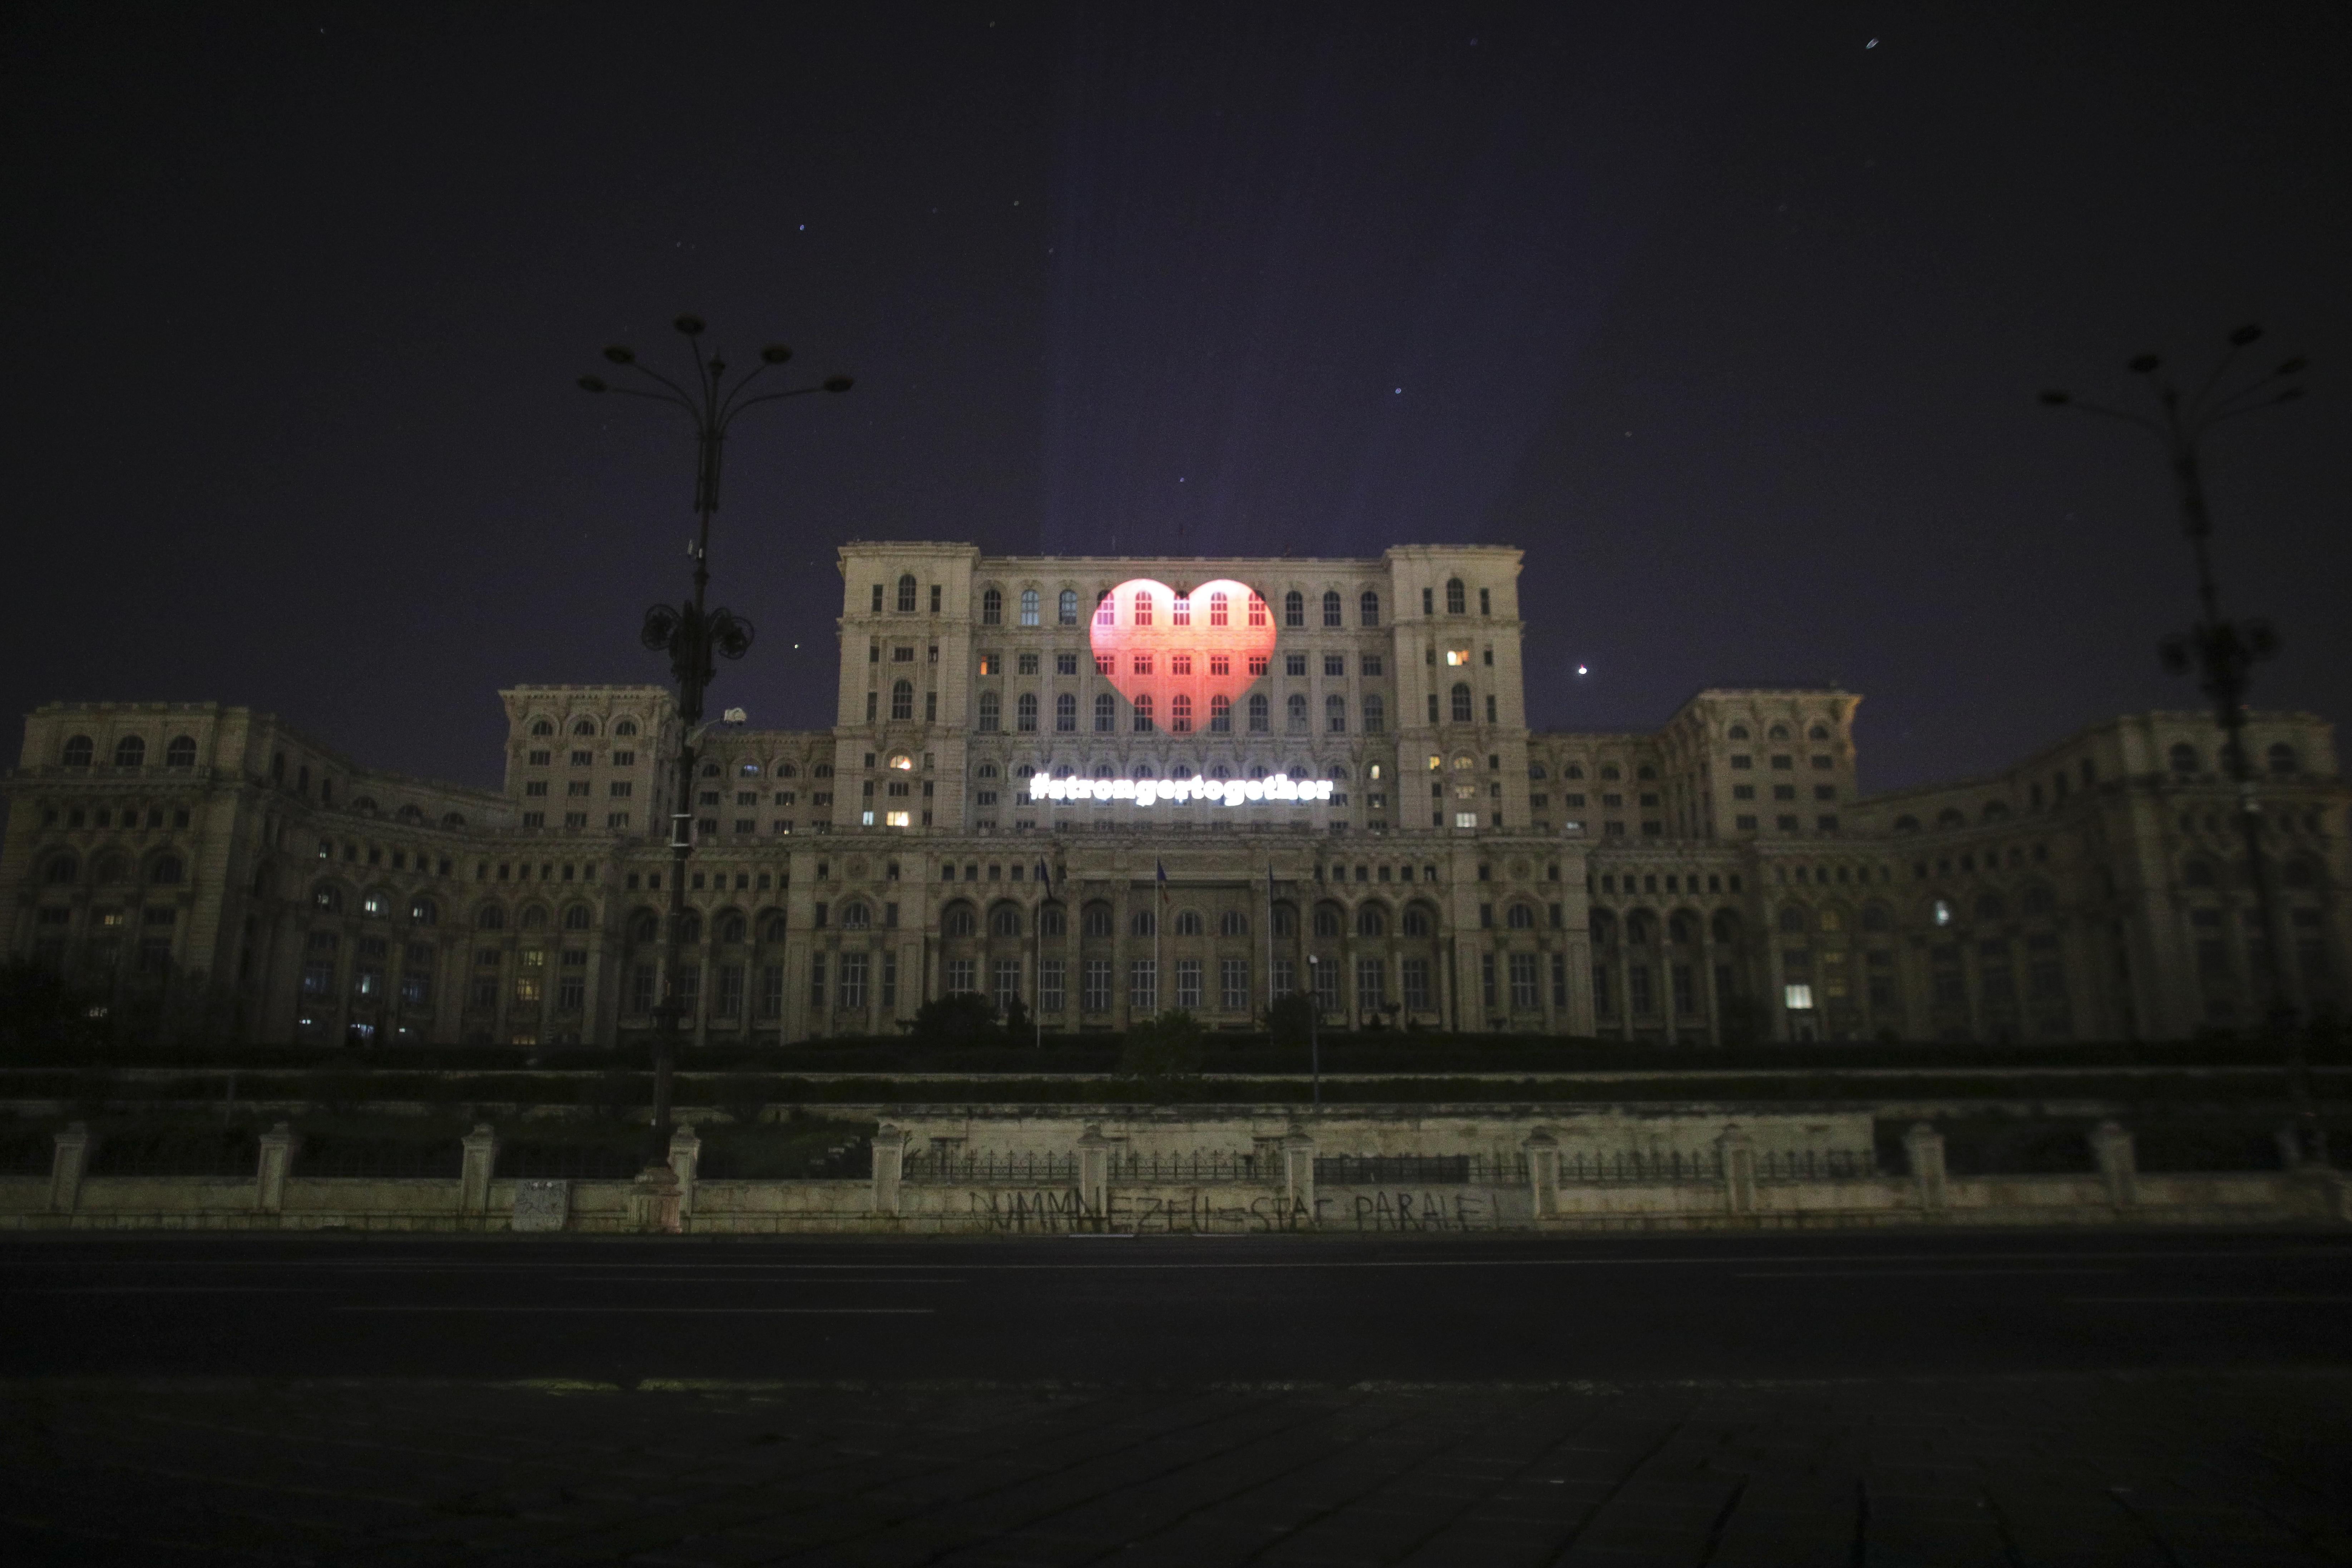 Mesaj de încurajare pentru români, proiectat pe Casa Poporului